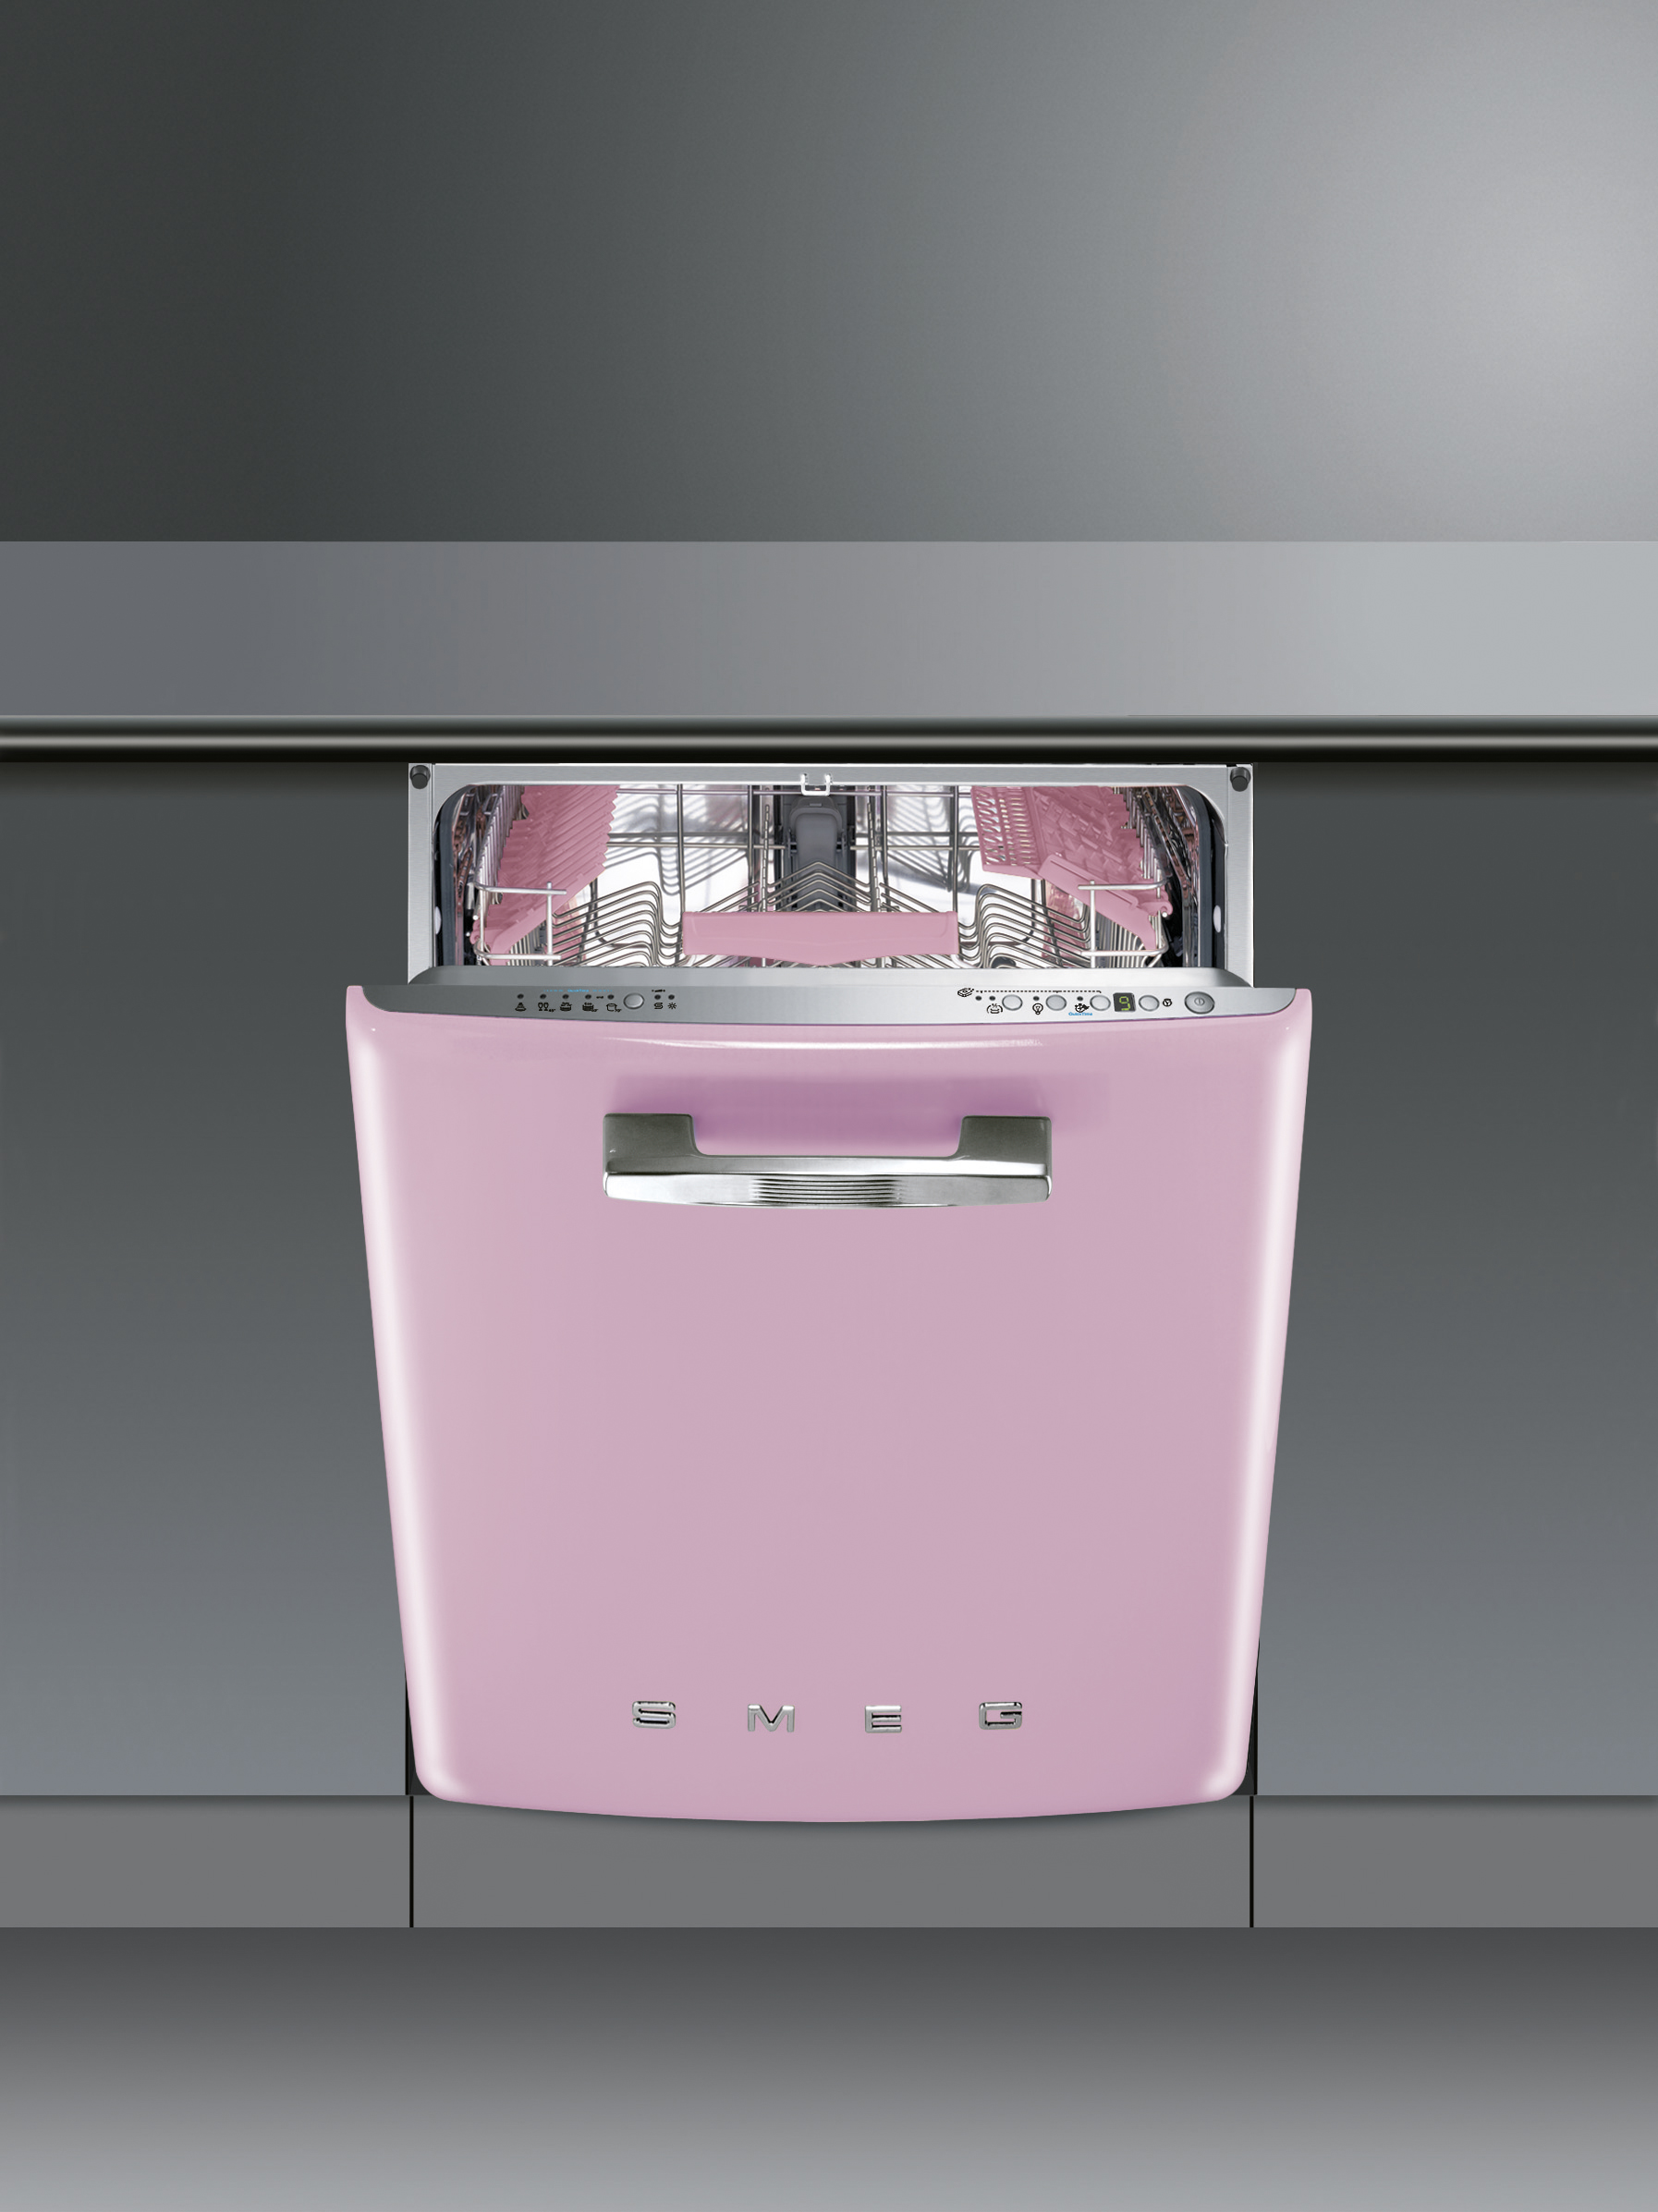 Vintage Keuken Roze : 50 collectie – Nieuws Startpagina voor keuken idee?n UW-keuken.nl